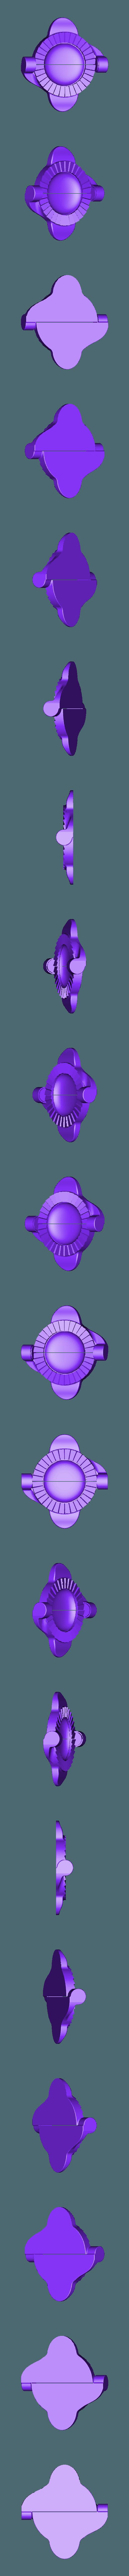 Dumpling_Maker_Fanned.stl Download free STL file Dumpling Press • Design to 3D print, Oggie